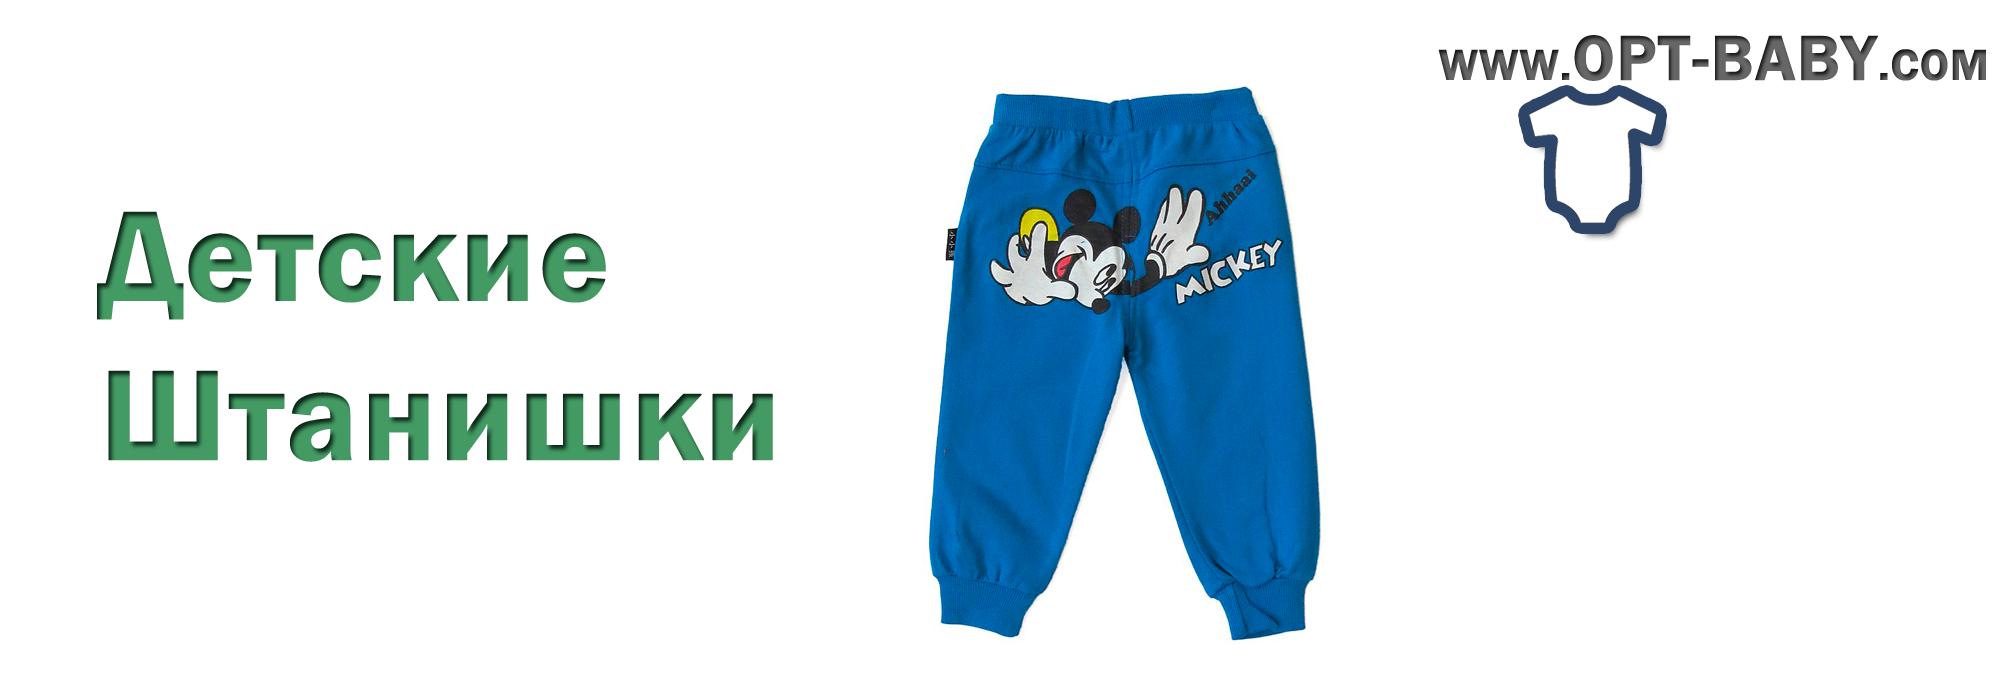 Штанишки 0-12 месяцев - купить от интернет магазина детской одежды